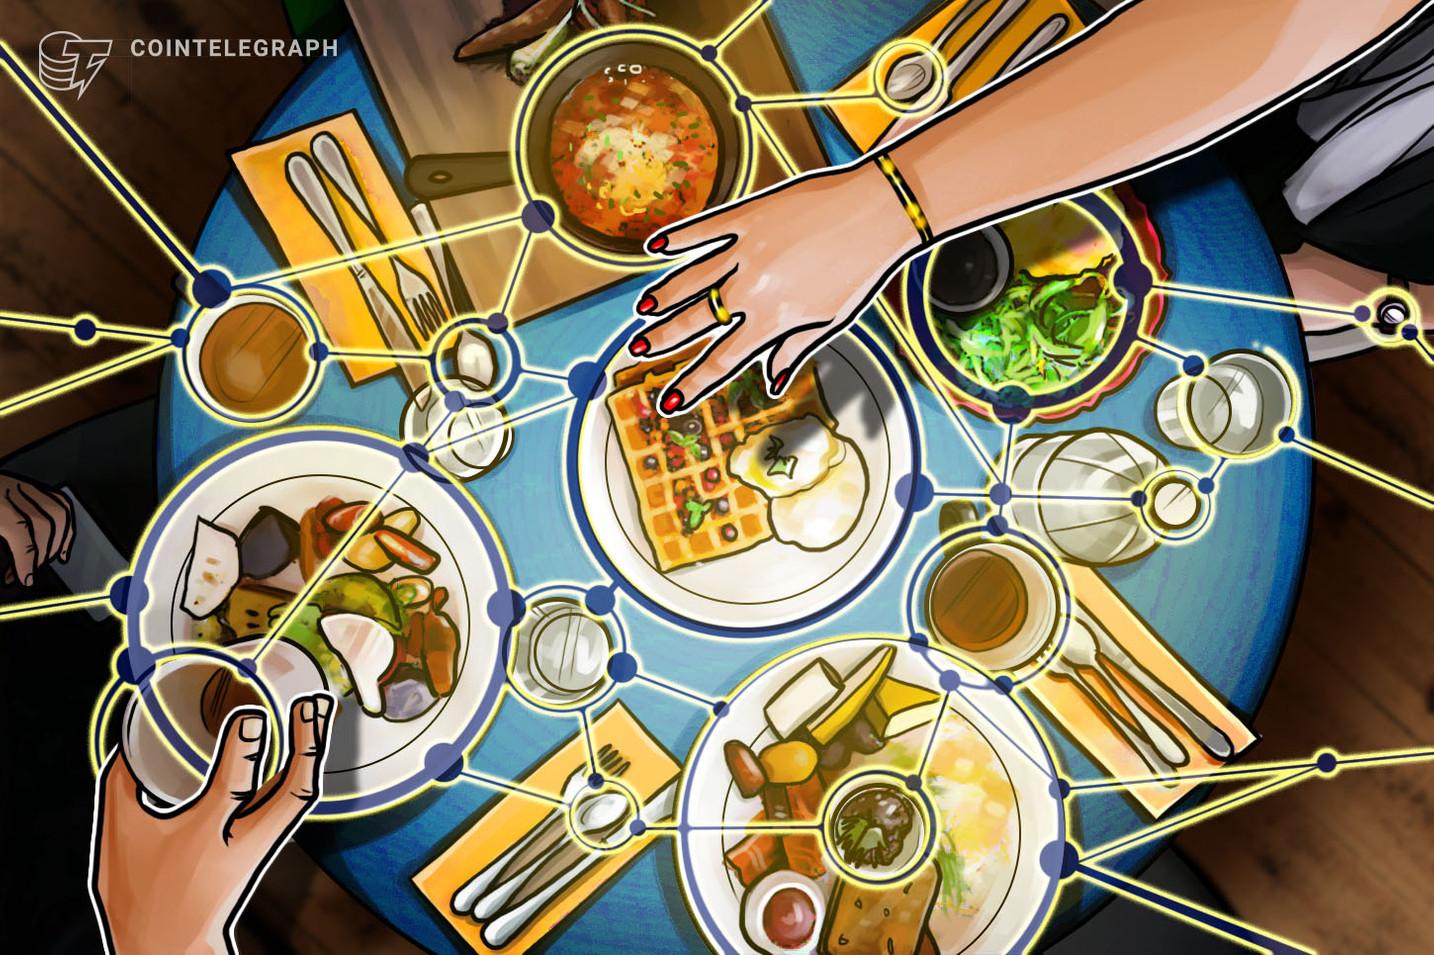 LG de Corea lanza plataforma de cadena de suministro blockchain para almuerzos escolares